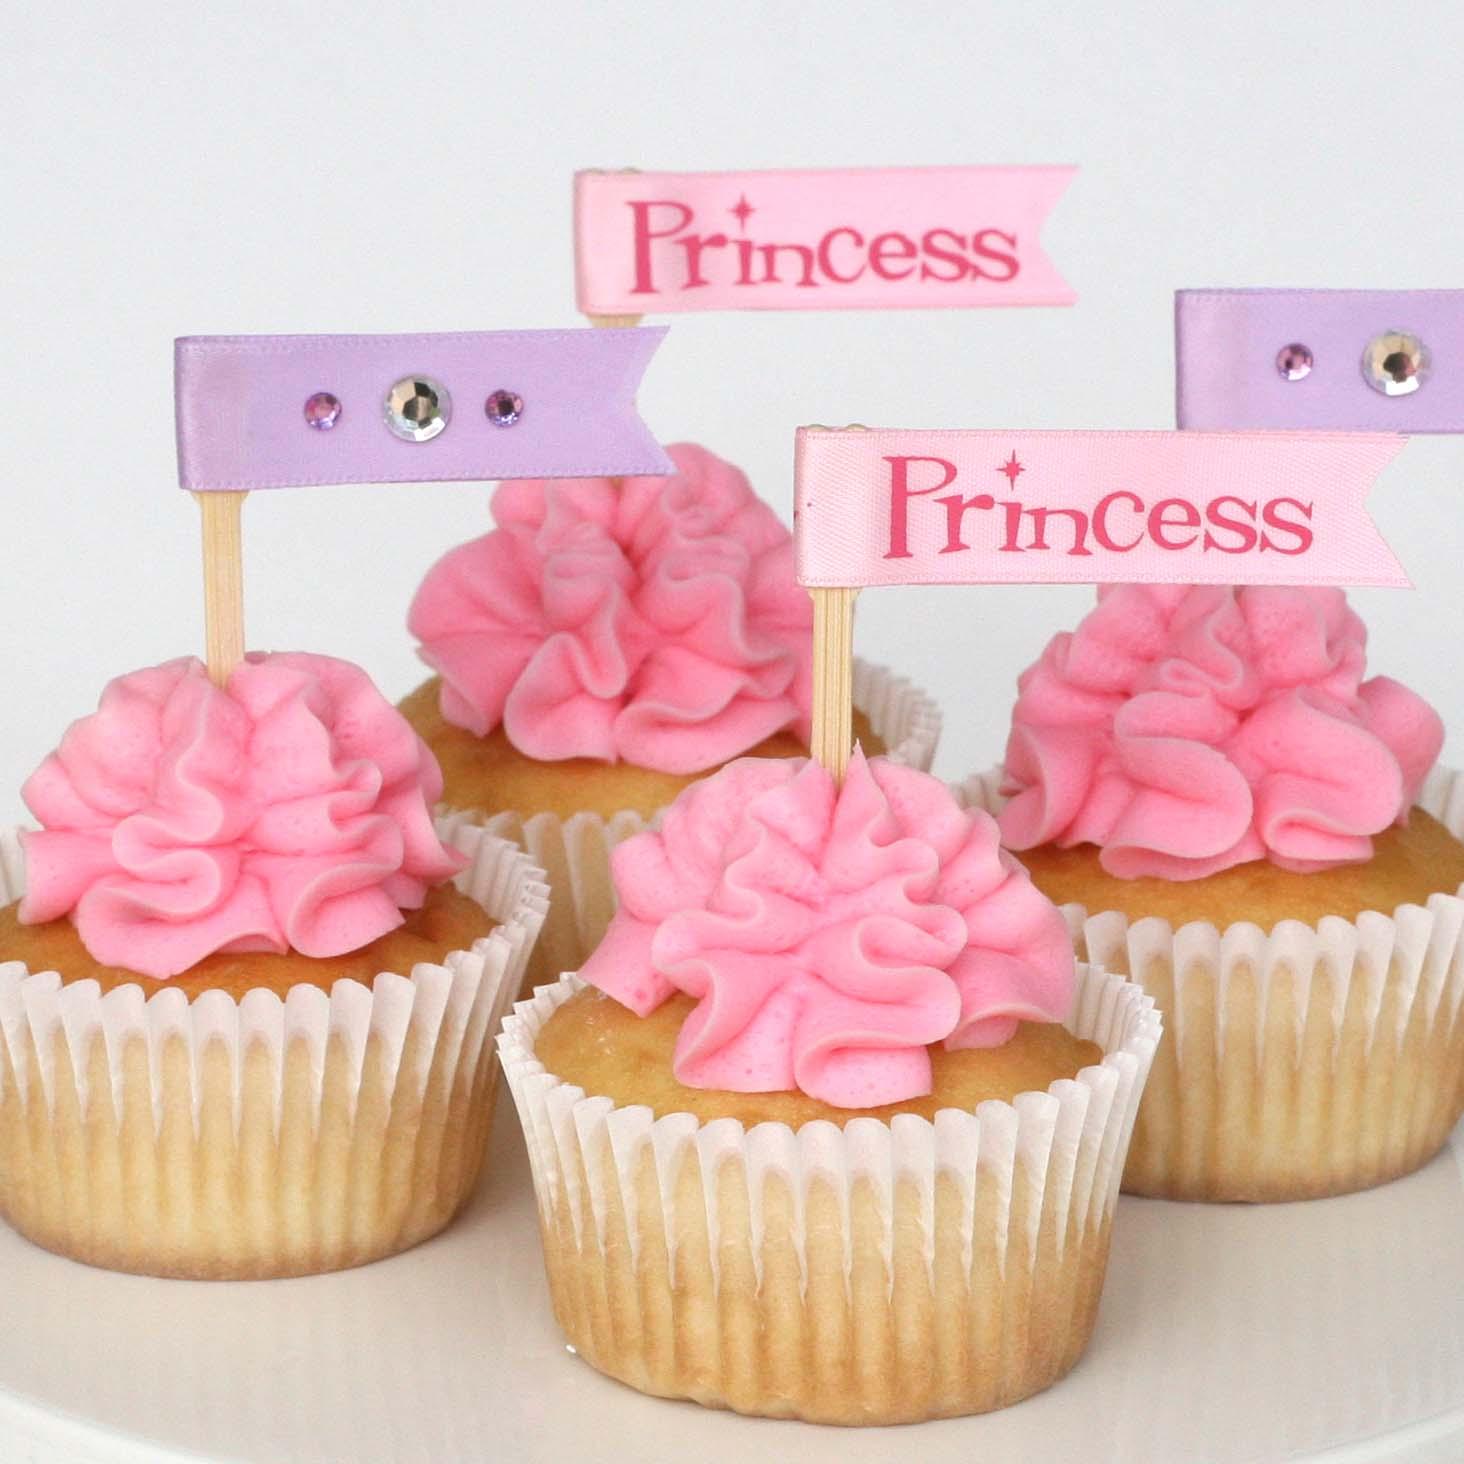 Cupcake Decorating Ideas Princess : Glorious Treats: Cupcake decorating